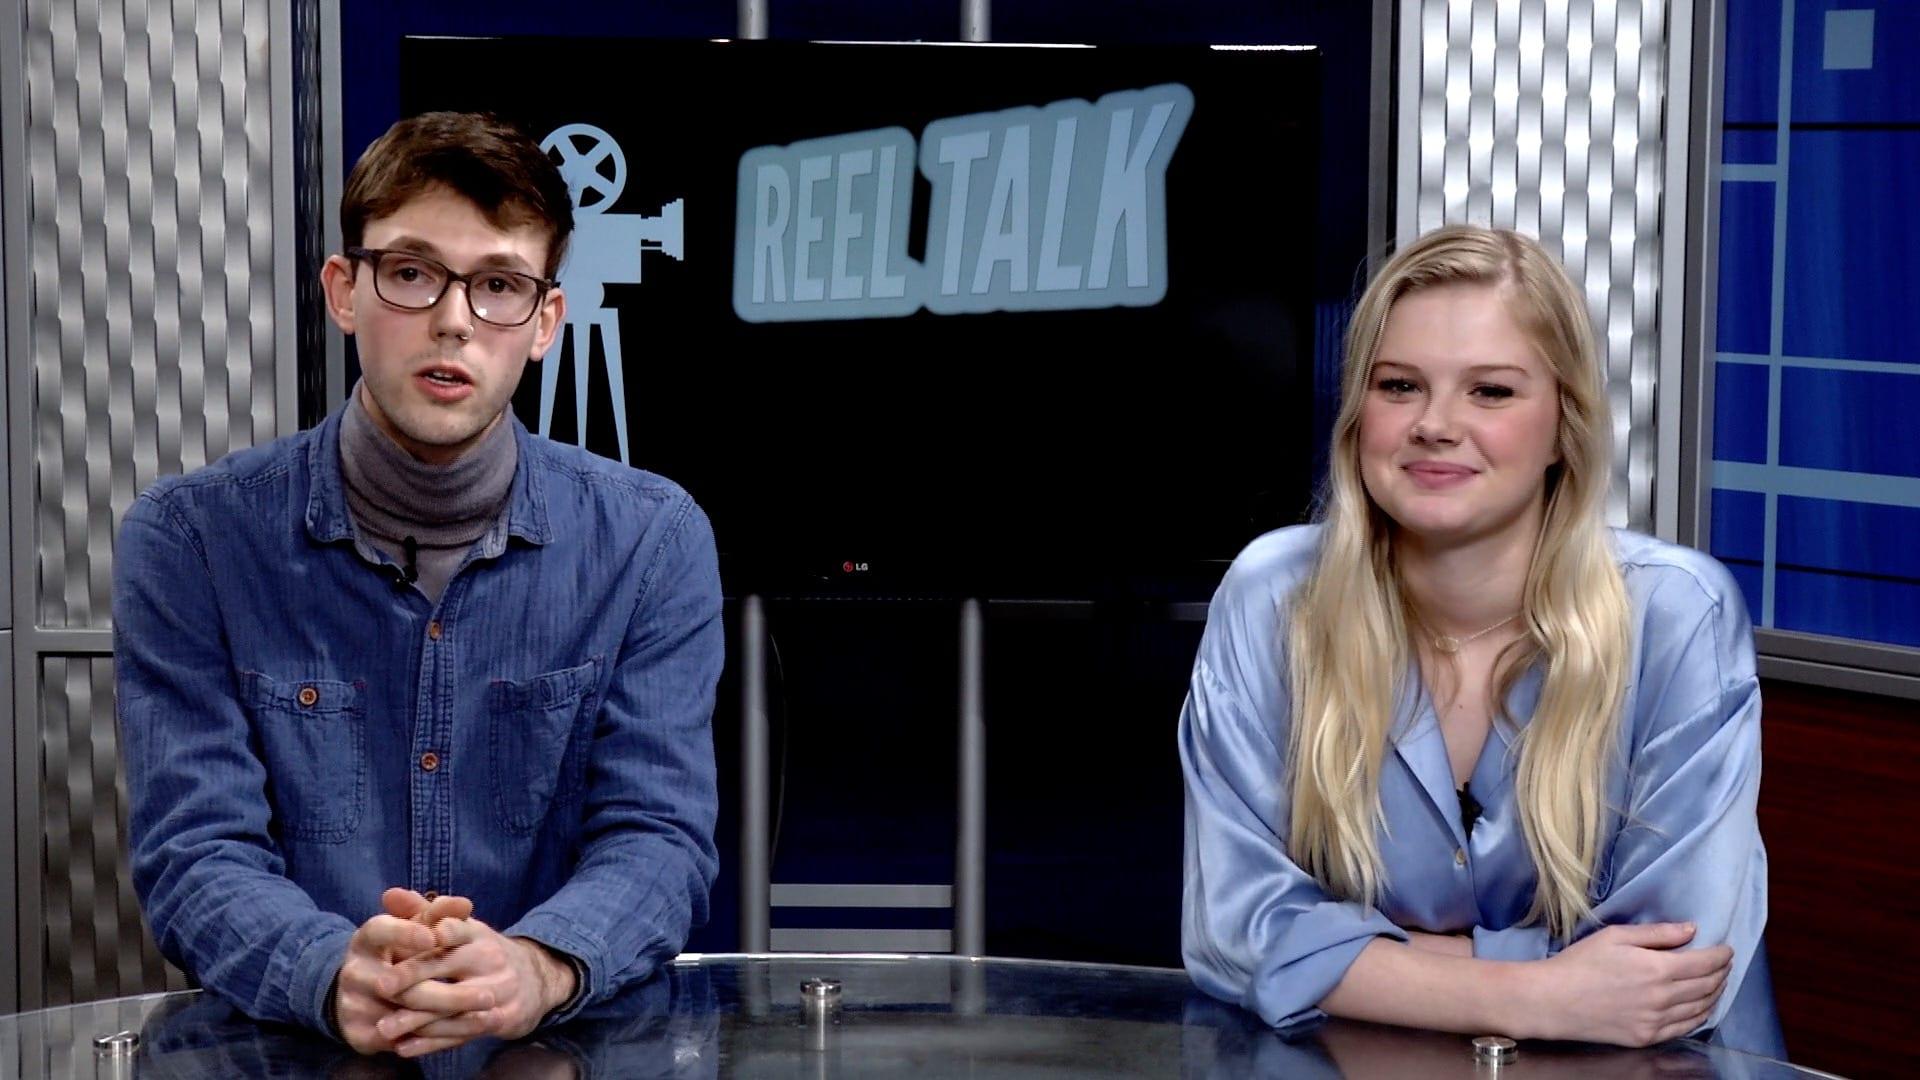 Reel Talk: Russian Doll Review